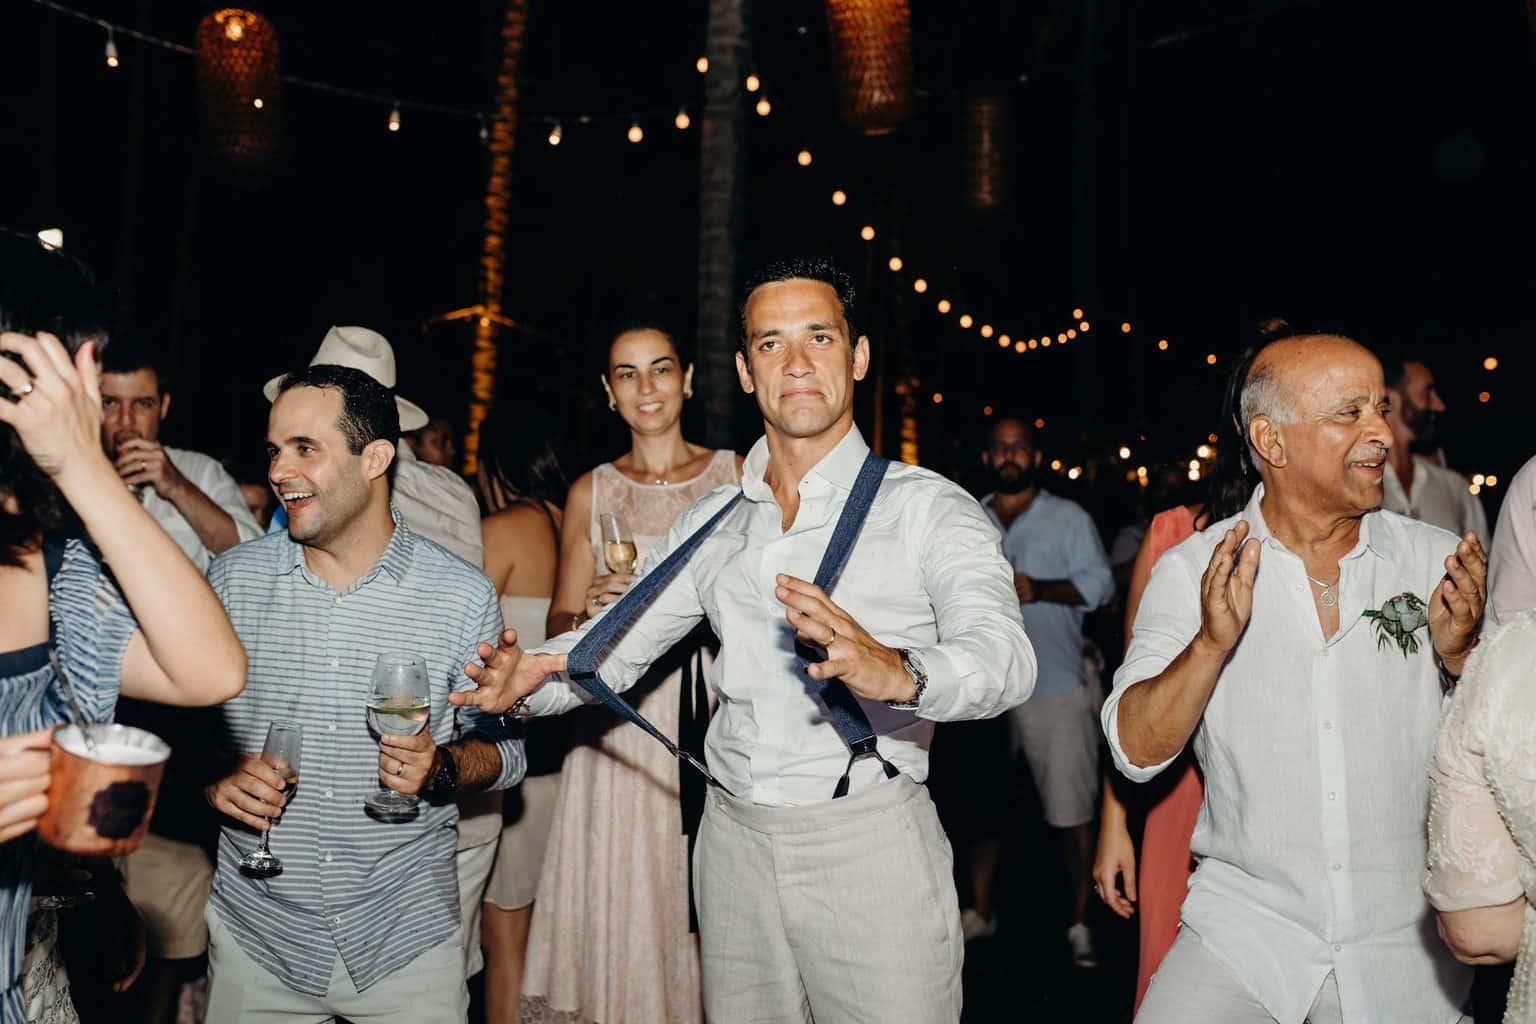 casamento-Danielle-e-Guilherme-aloha-fotografia-caseme-126